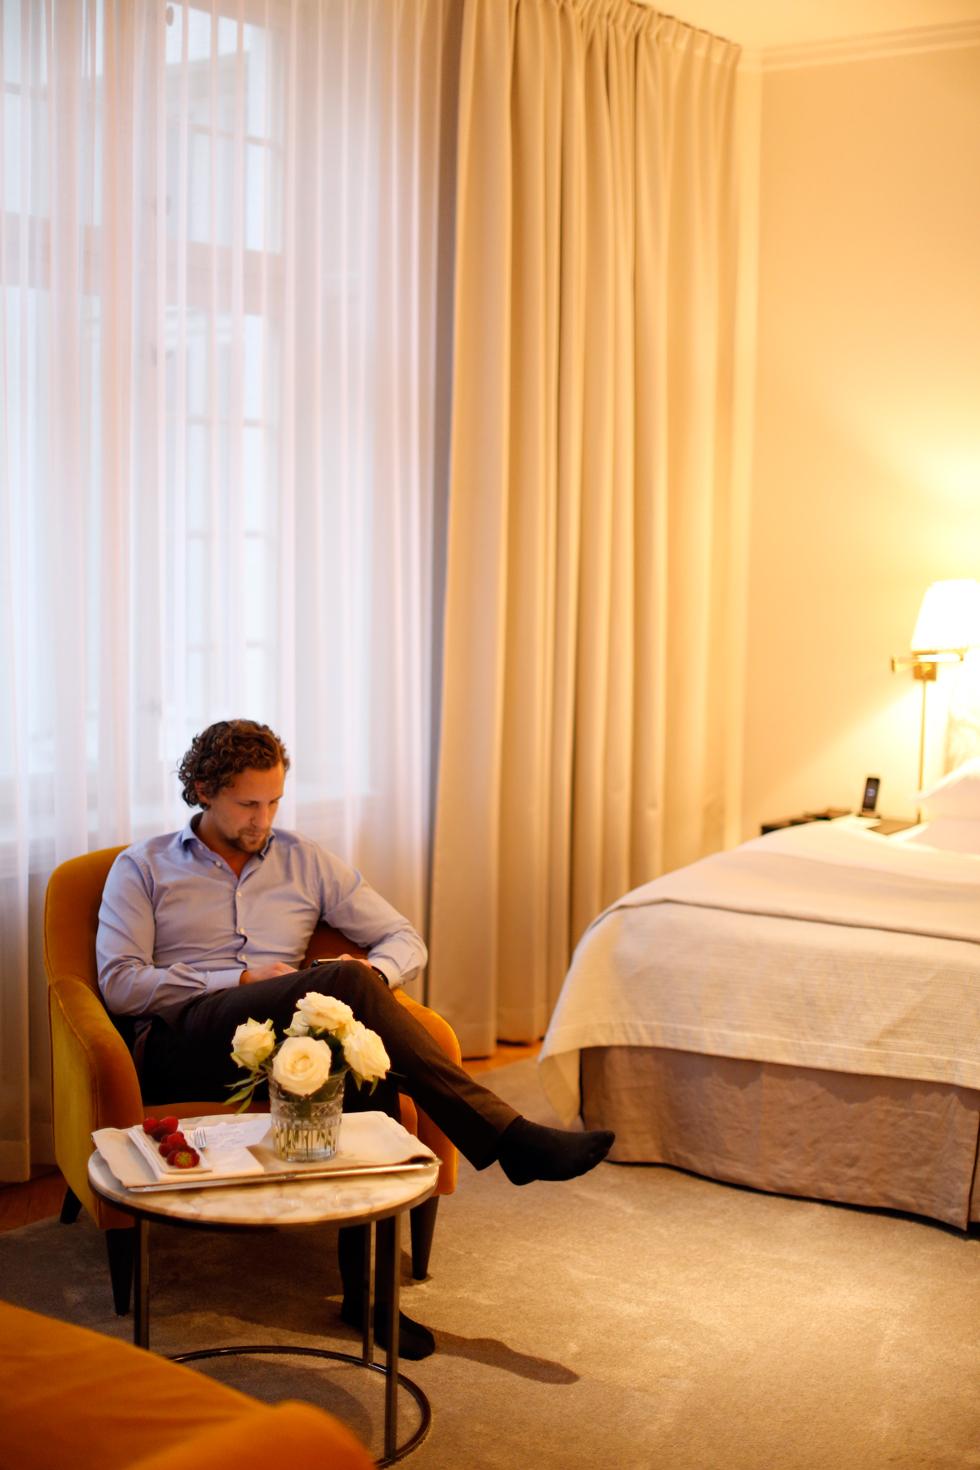 Hotell-Diplmoat